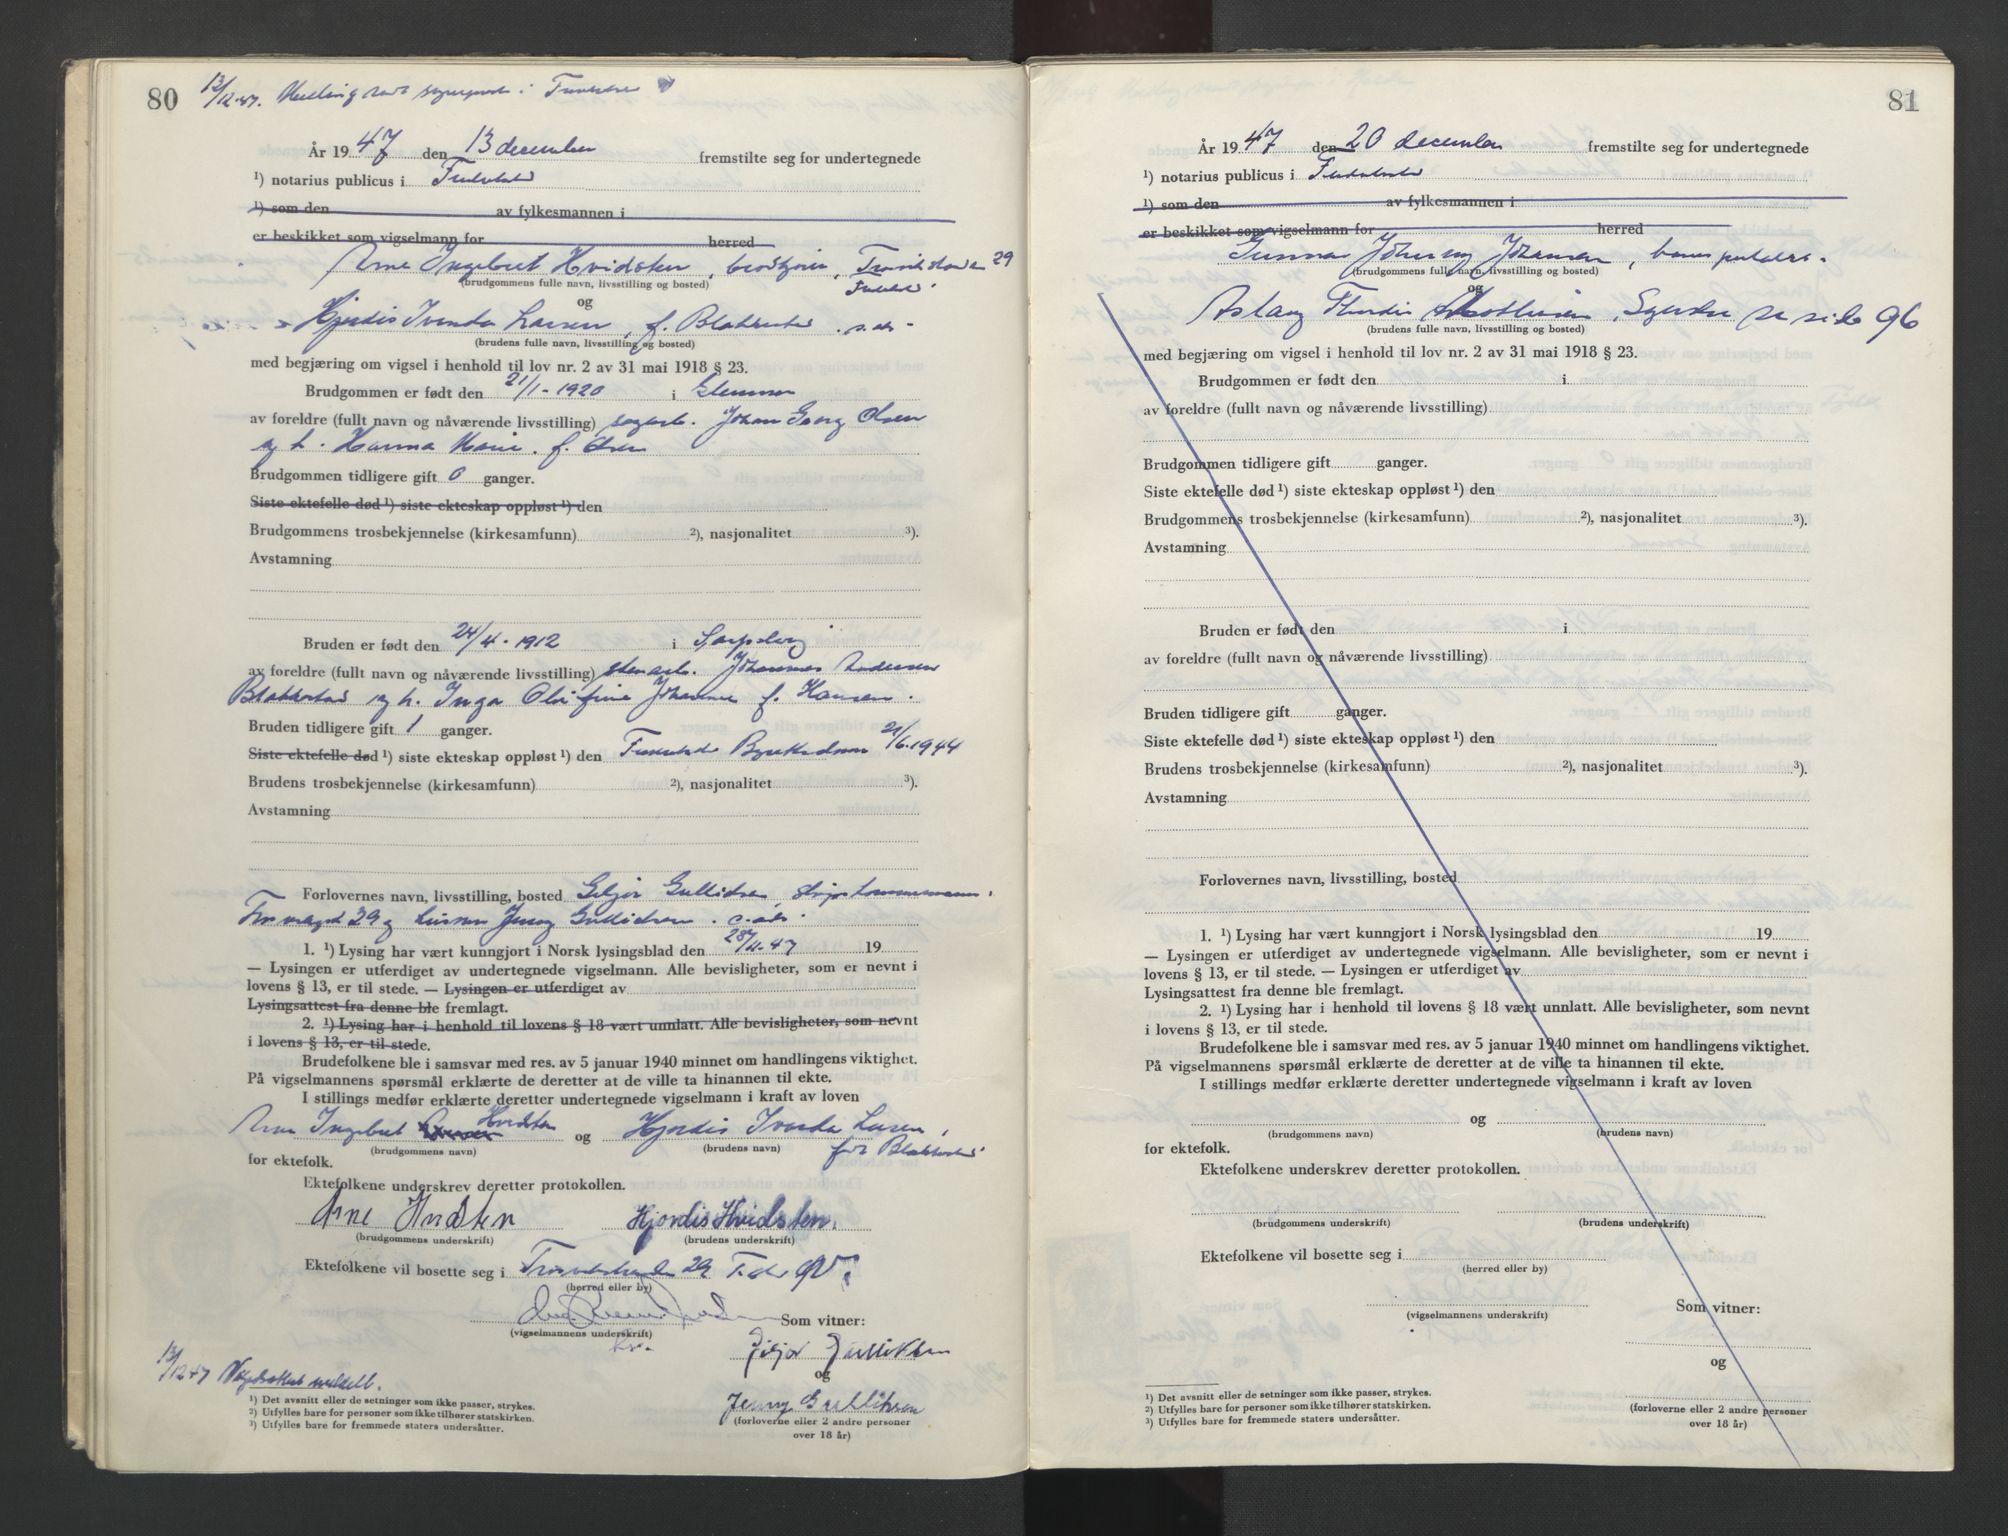 SAO, Fredrikstad byfogd, L/Lc/L0004: Vigselsbok, 1945-1953, s. 80-81